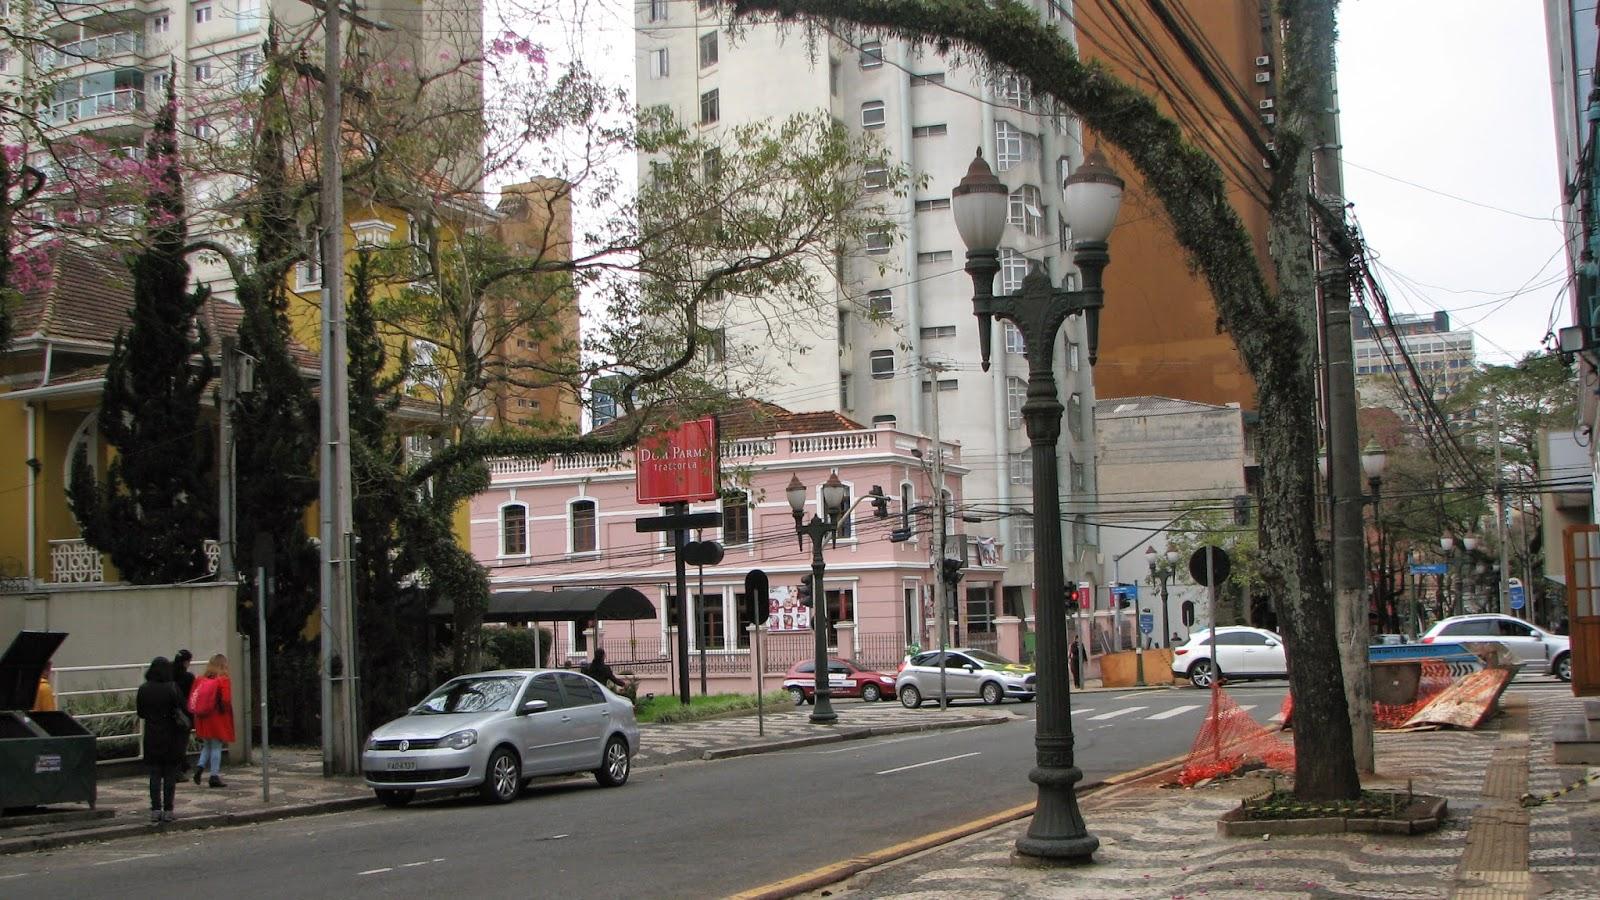 Gosto muito de caminharpela Rua Comendador Araújo  atualmente, as obras  interferem a livre circulação dos pedestres nas calçadas, infelizmente - Curitiba, ... 15e10029c1